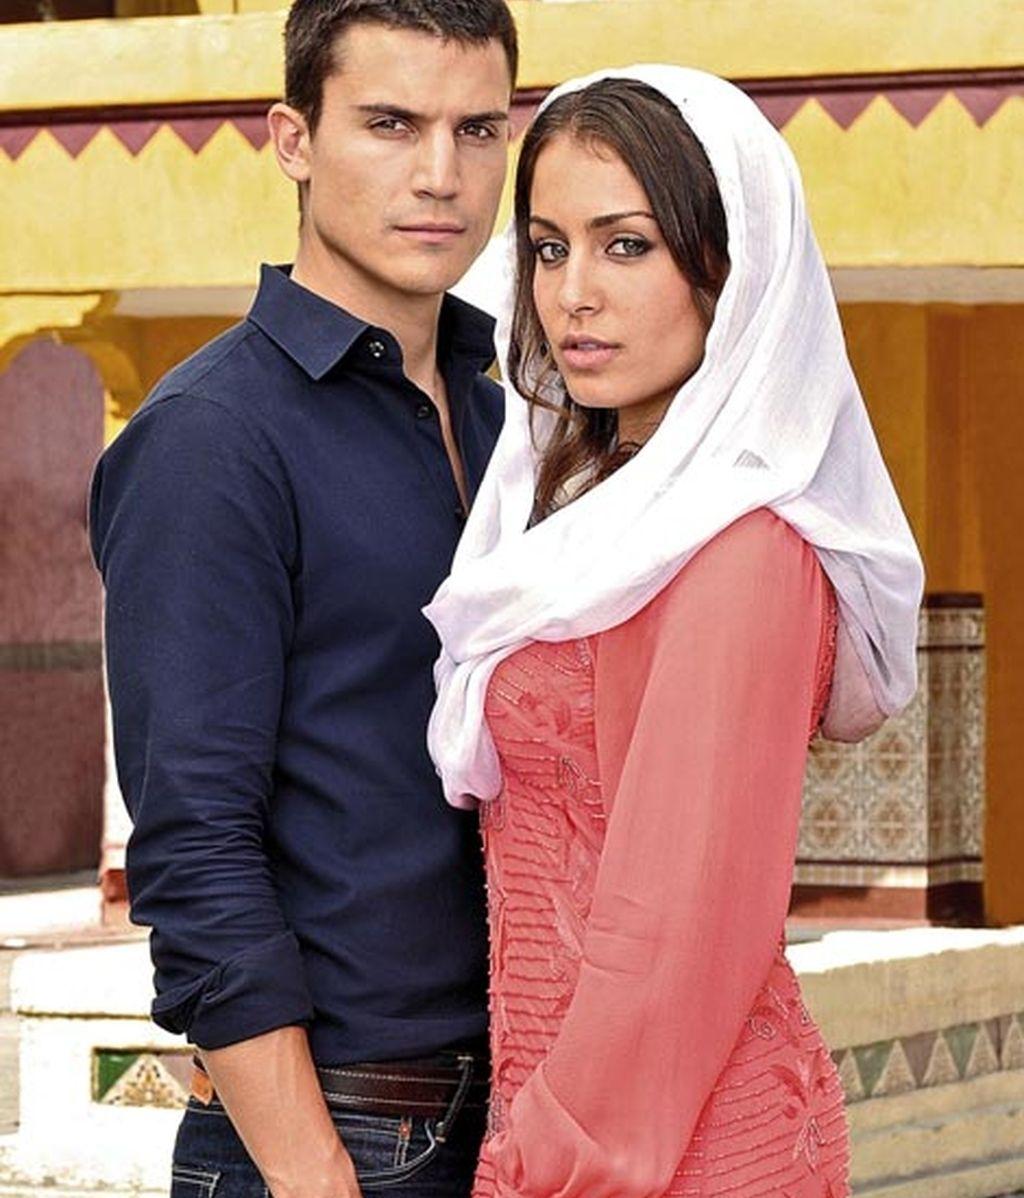 Alex González e Hiba Abouk